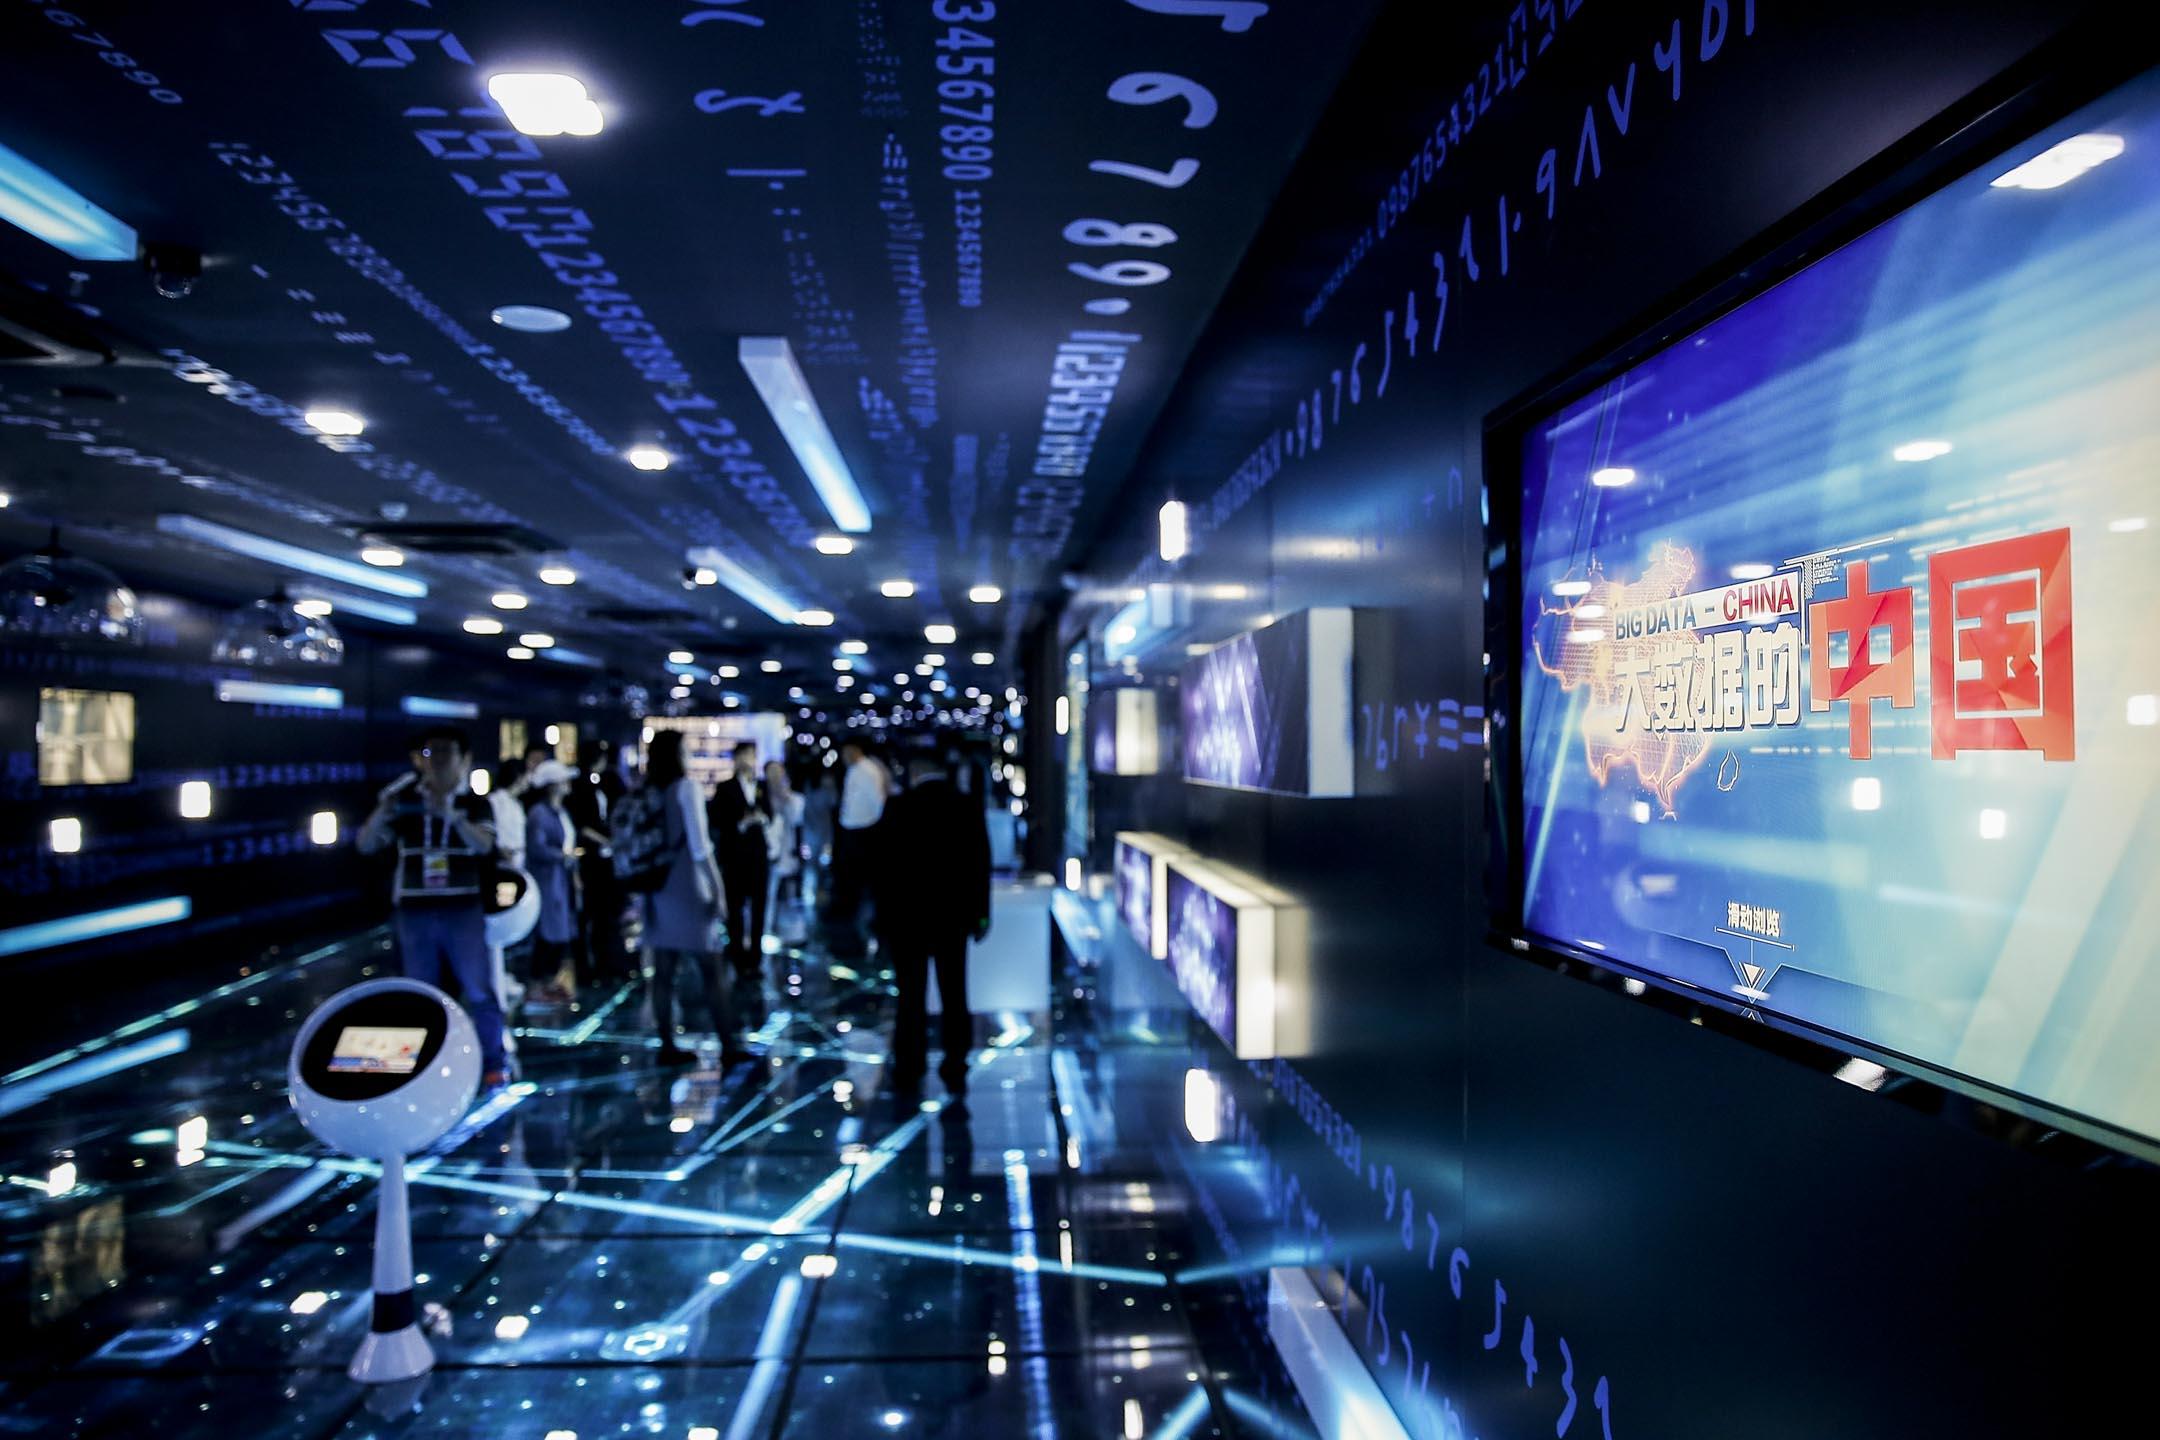 在這個每個人都變成了流動數據庫的世界,每個行為都會被記錄、共享。但是,當大數據滲透你在社會、生活的每一個角落時,這些我們產生的數據屬於誰?政府和企業有權使用、甚至對它們進行交易嗎?我們有沒有權利對這一切 say no?圖為2017年中國國際大數據產業博覽會在貴陽舉行。 攝:Lintao Zhang/Getty Images